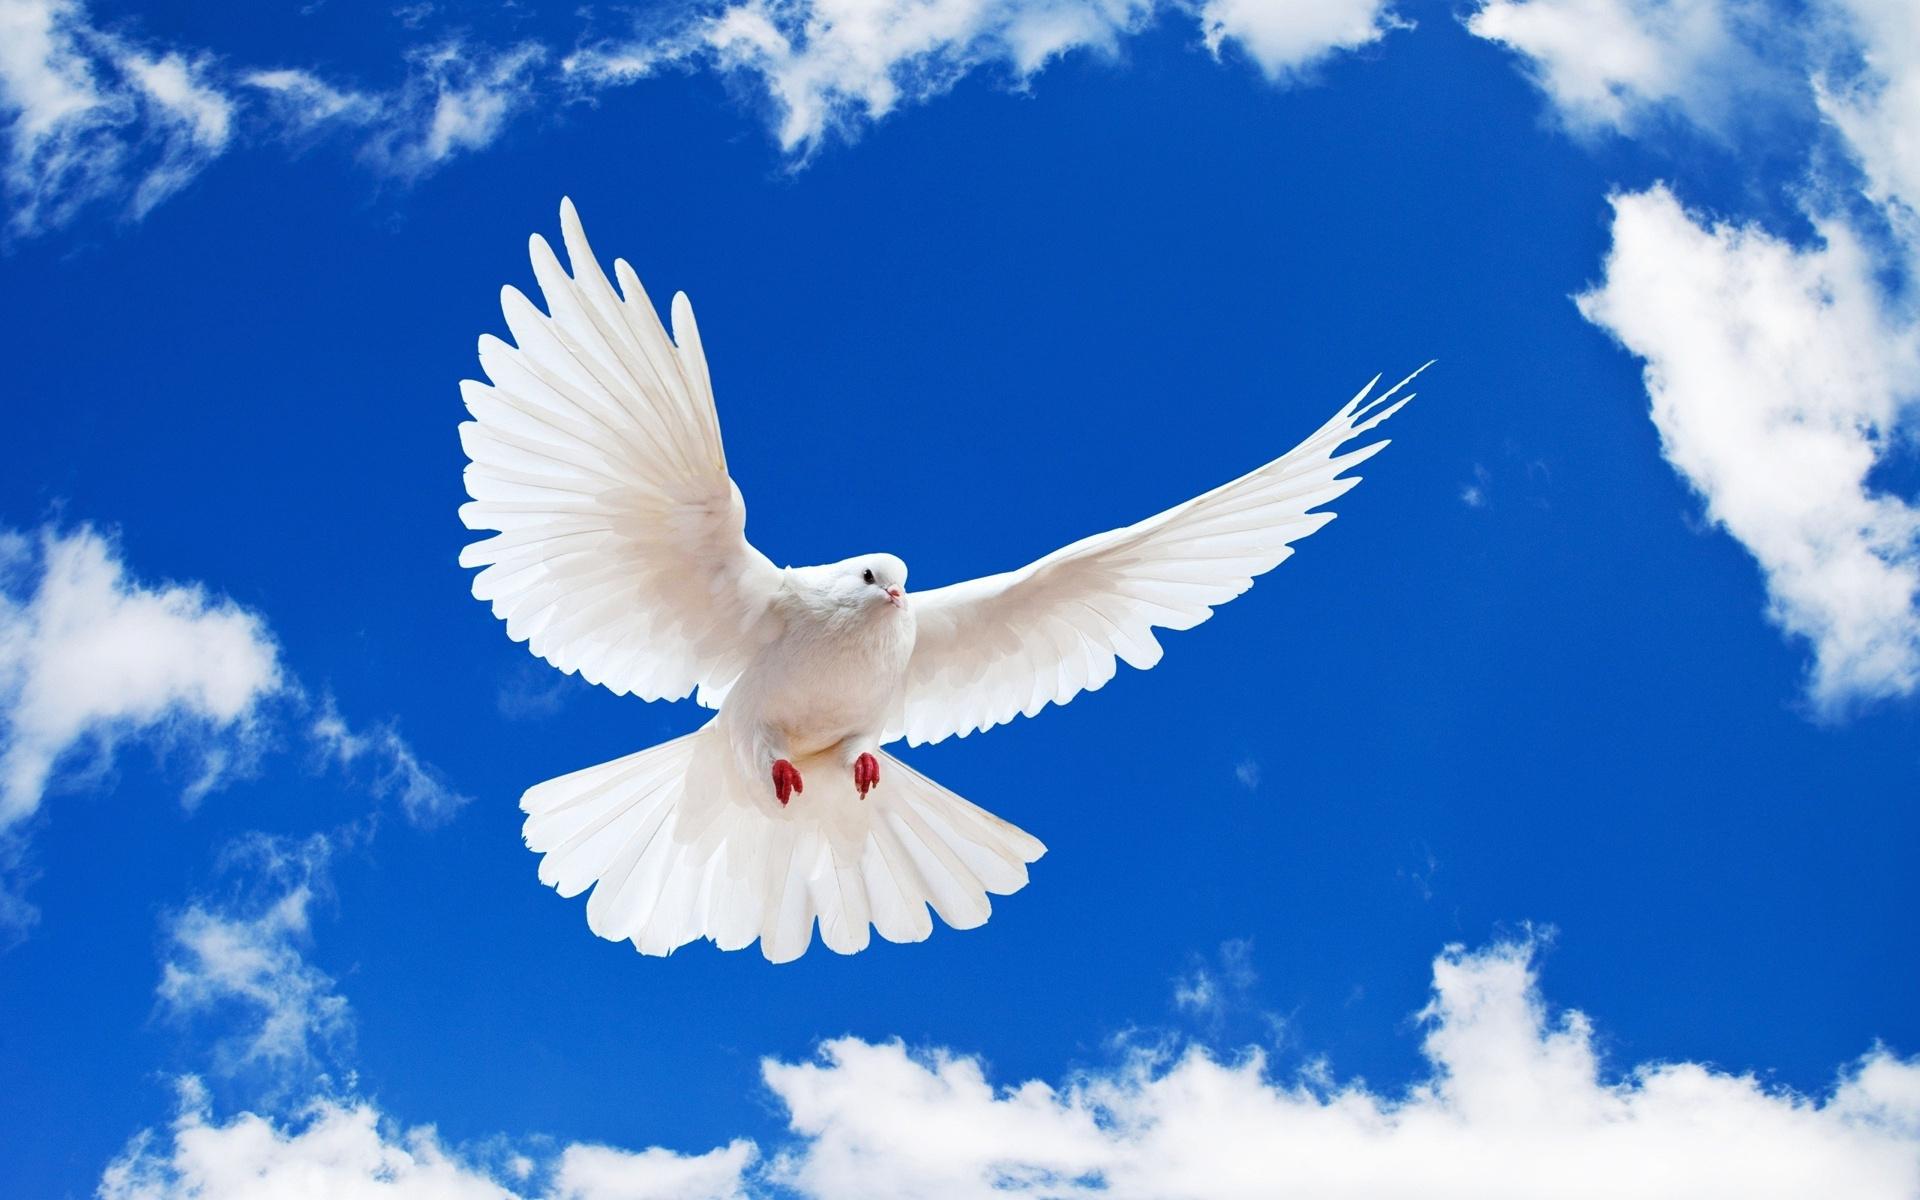 hình ảnh chim bồ câu đẹp nhất